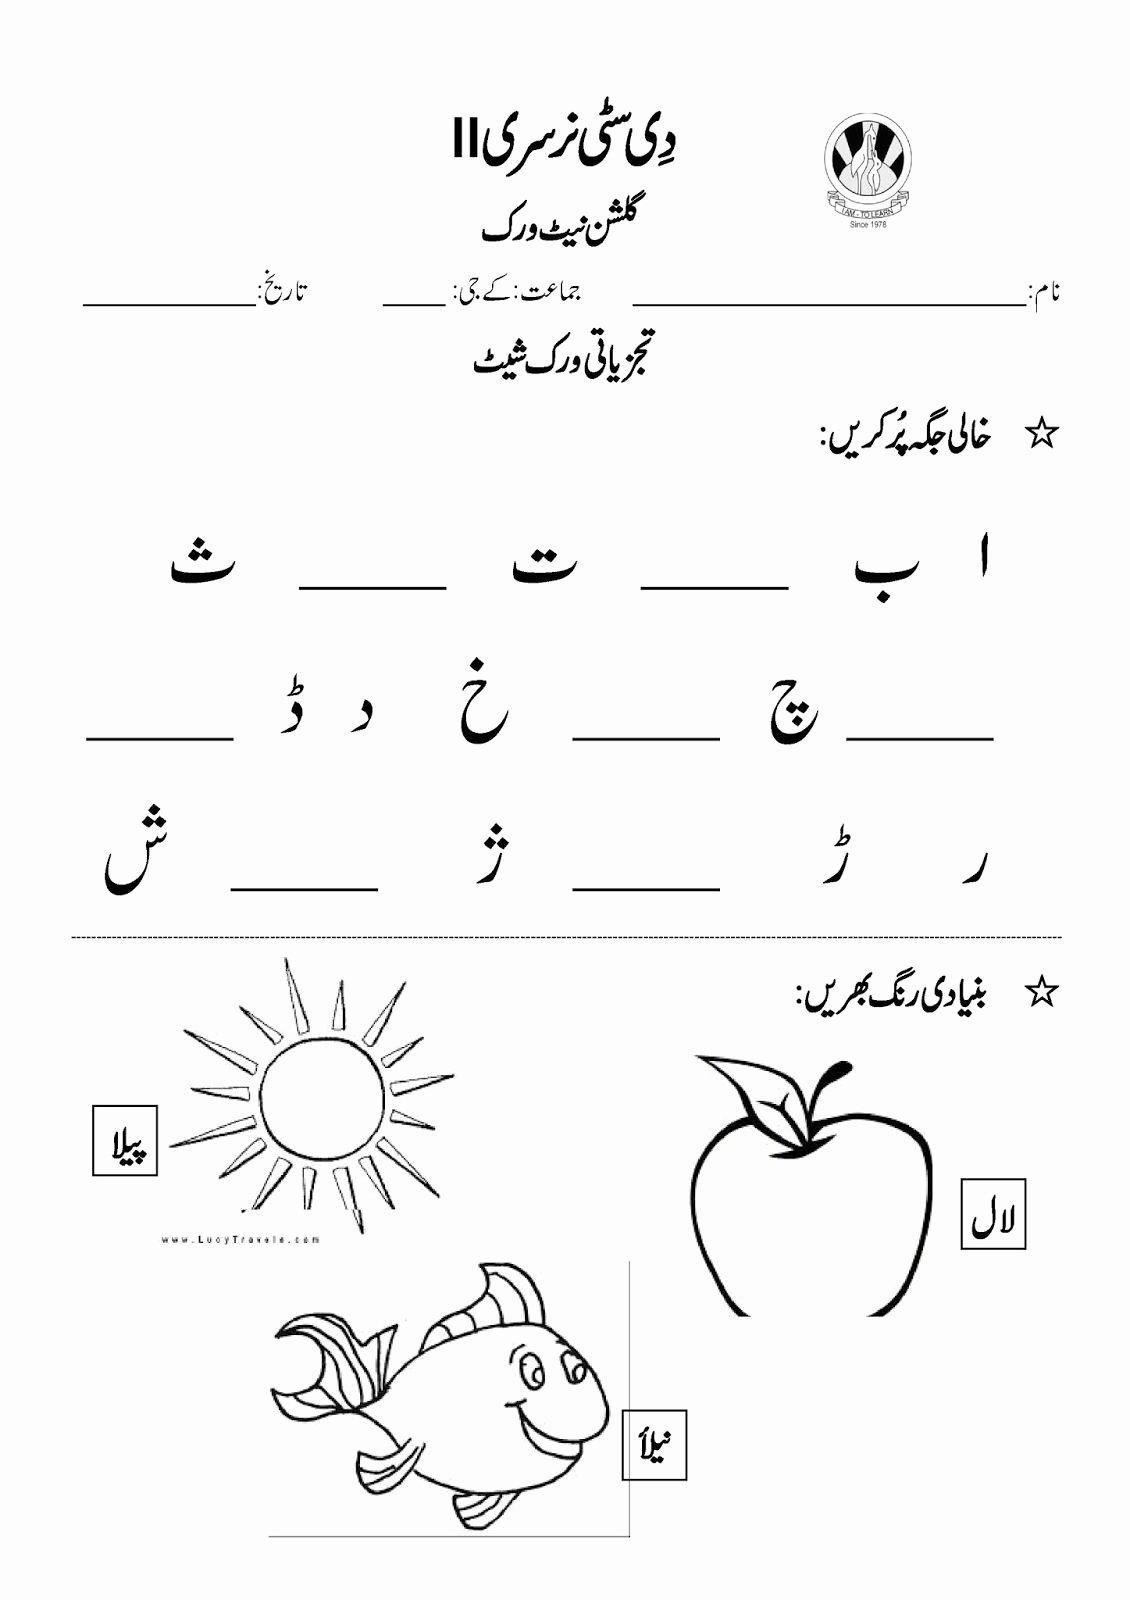 Urdu Worksheets for Preschoolers Kids Sr Gulshan the City Nursery Ii Urdu First Term